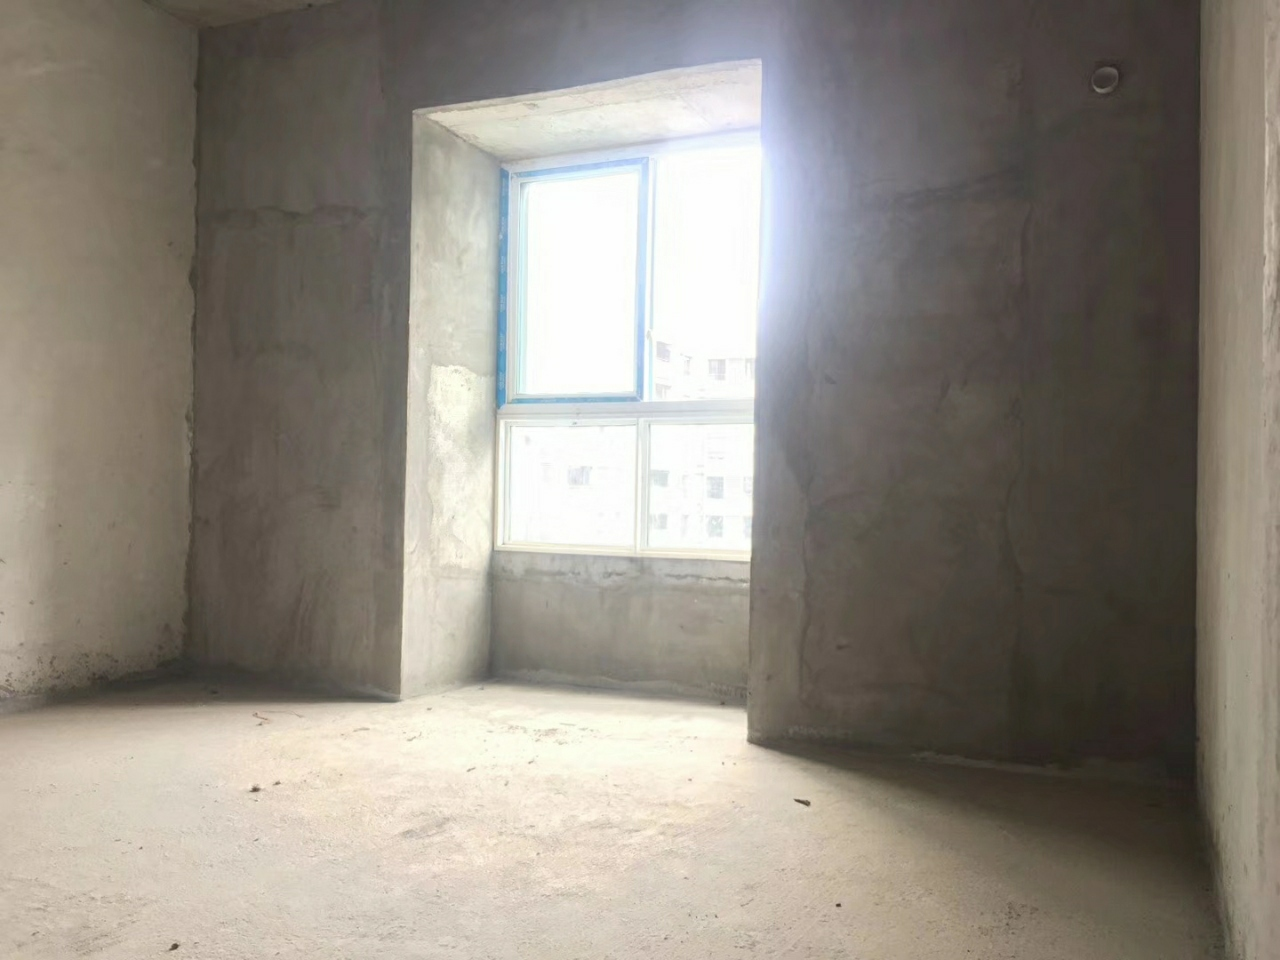 江景苑b区2室 2厅 1卫46万元